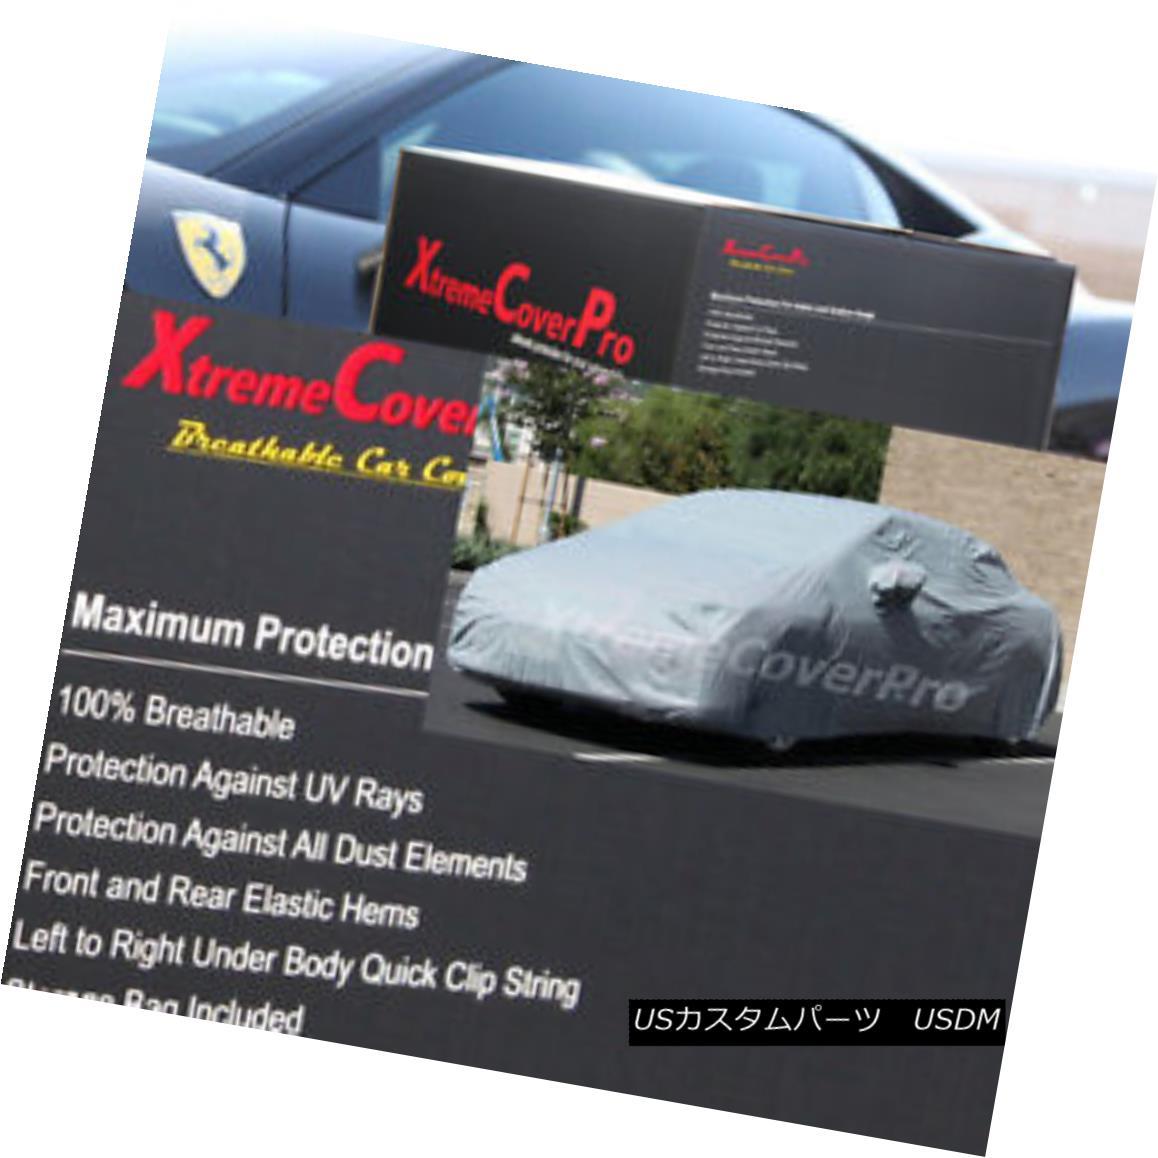 カーカバー 2013 VolksWagen Jetta Breathable Car Cover w/MirrorPocket 2013年VolksWagen Jetta通気性カーカバー付き(MirrorPocket)